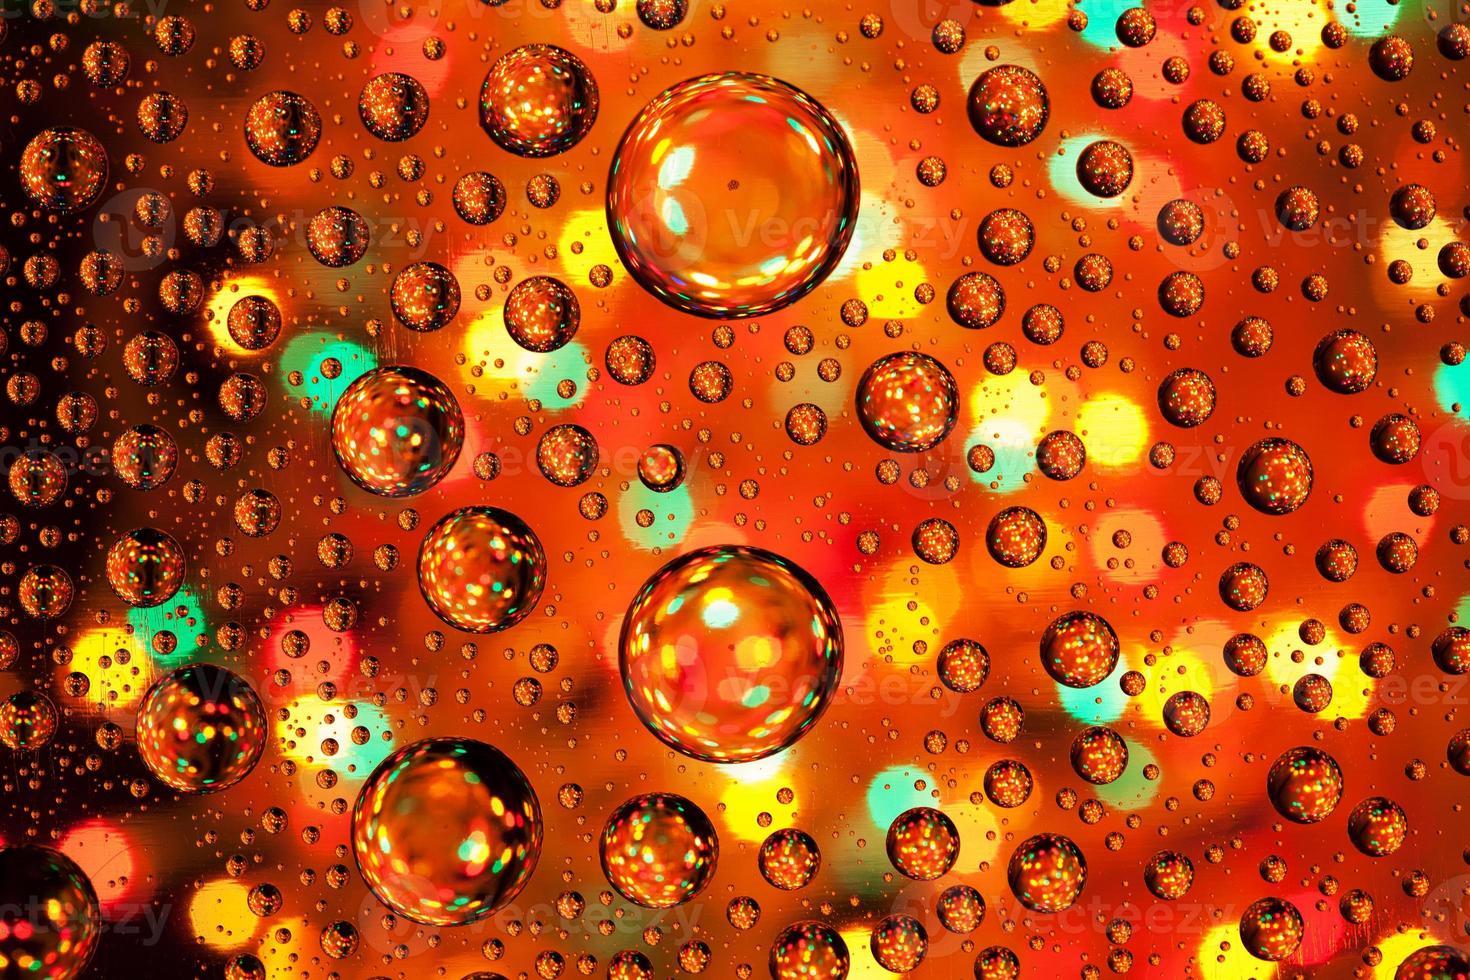 texture di sfondo astratto gocce d'acqua e arte luce foto